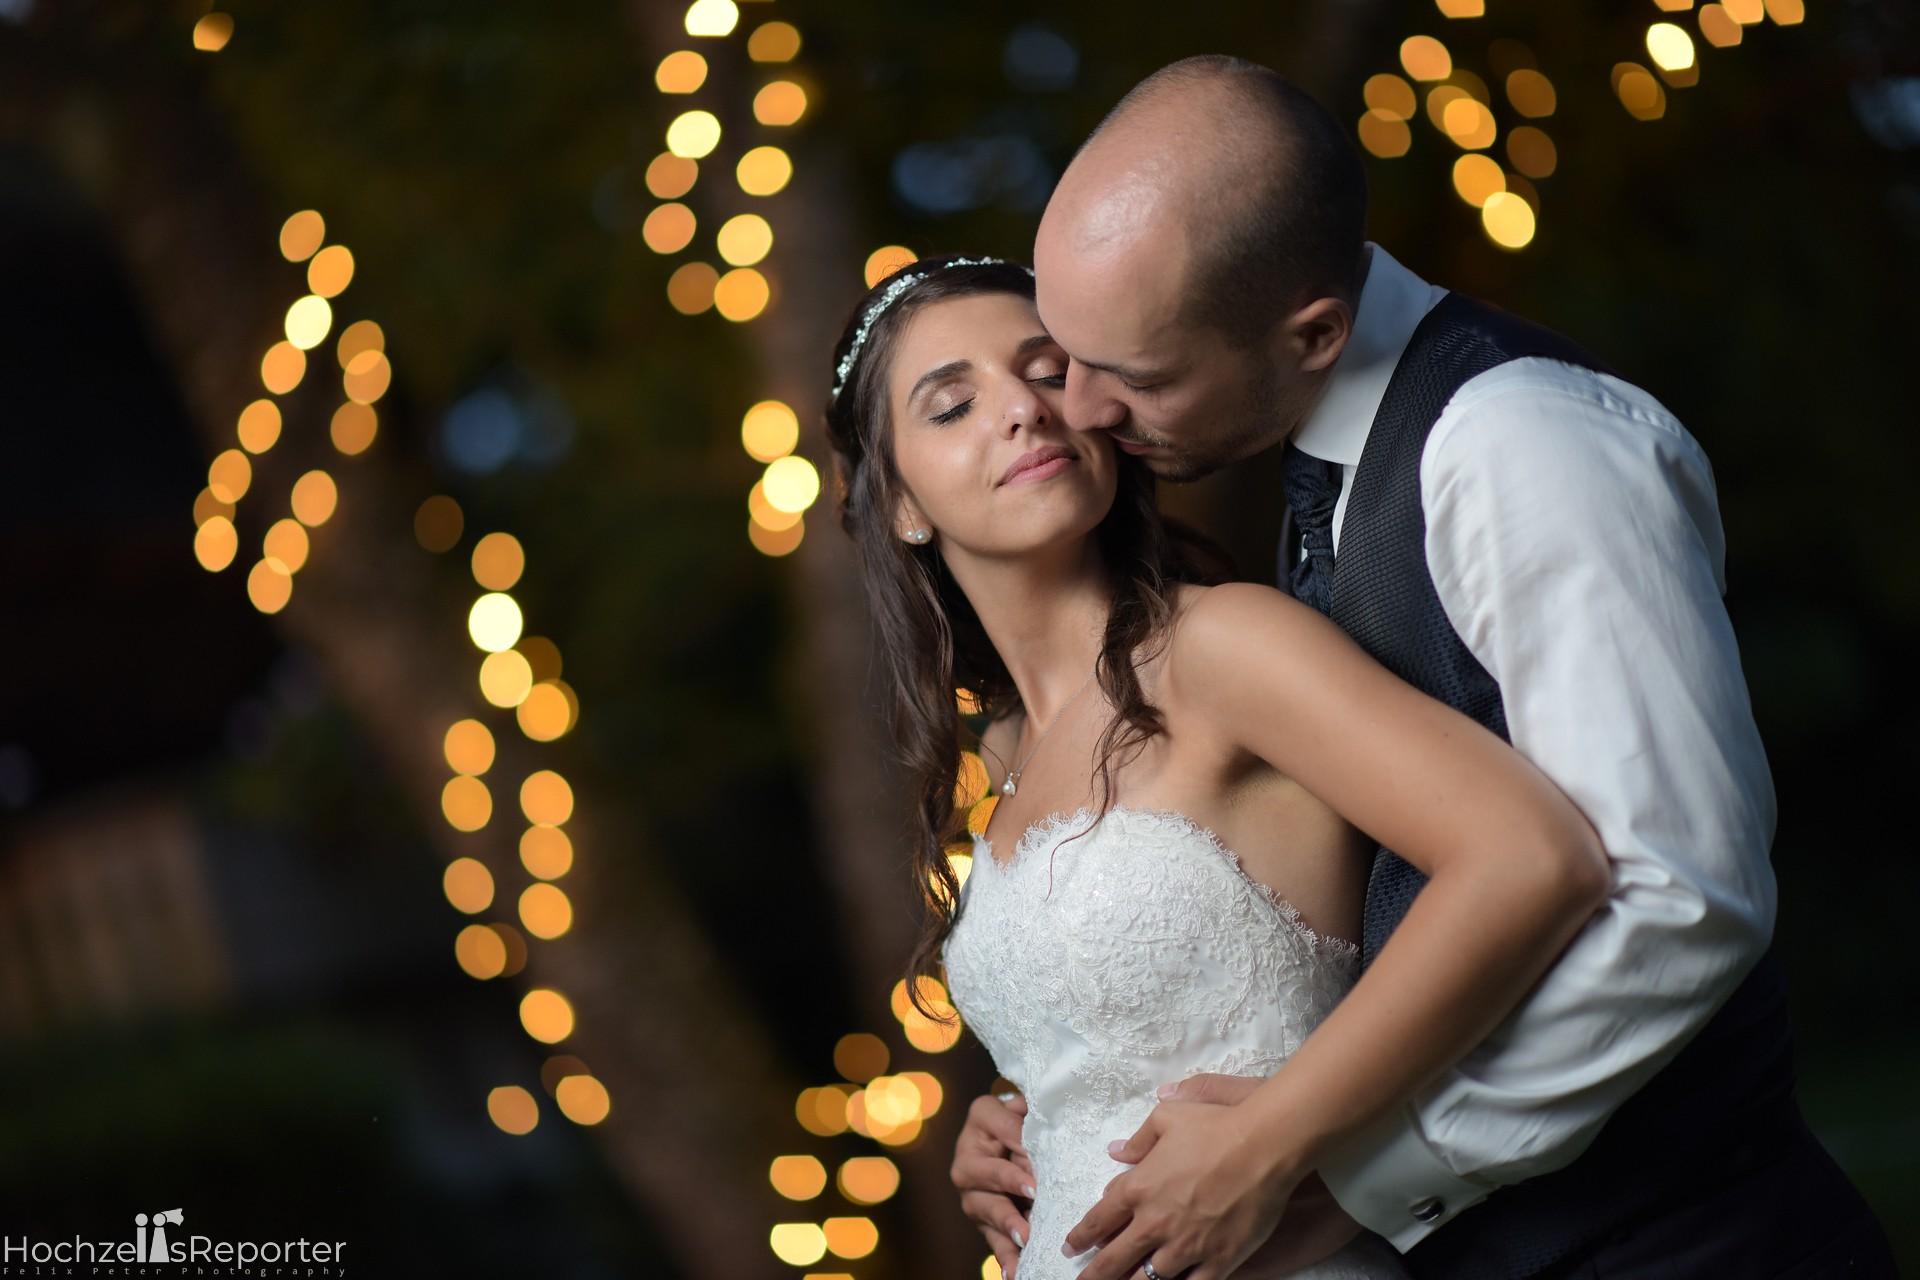 Hochzeitsfotograf_Bern_Thun_006.jpg